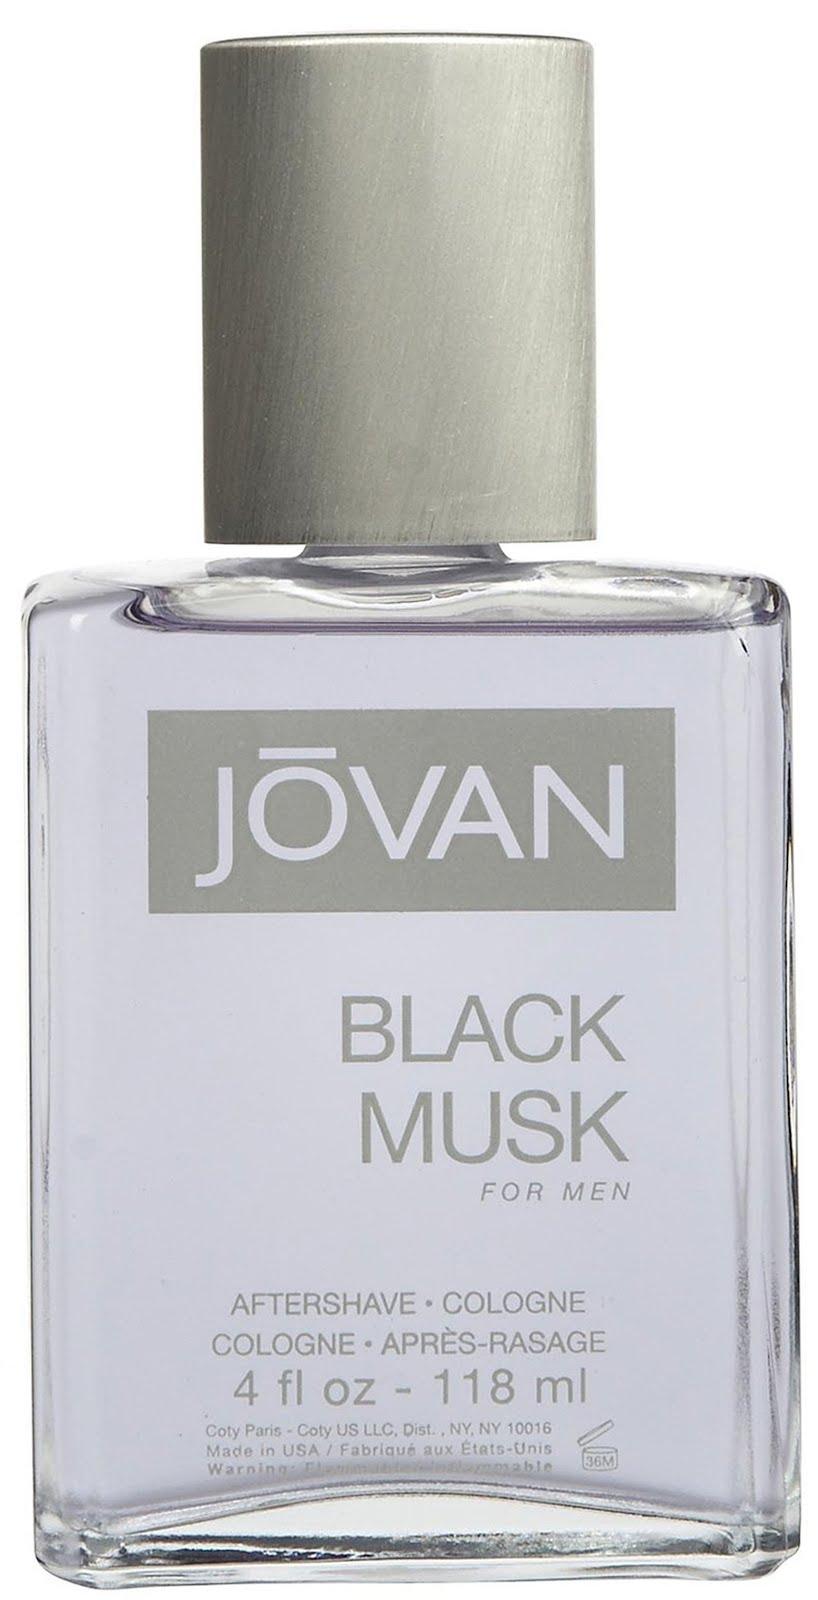 From Pyrgos August 2012 Master Spray Cologne Black Musk Jvan For Men Coty